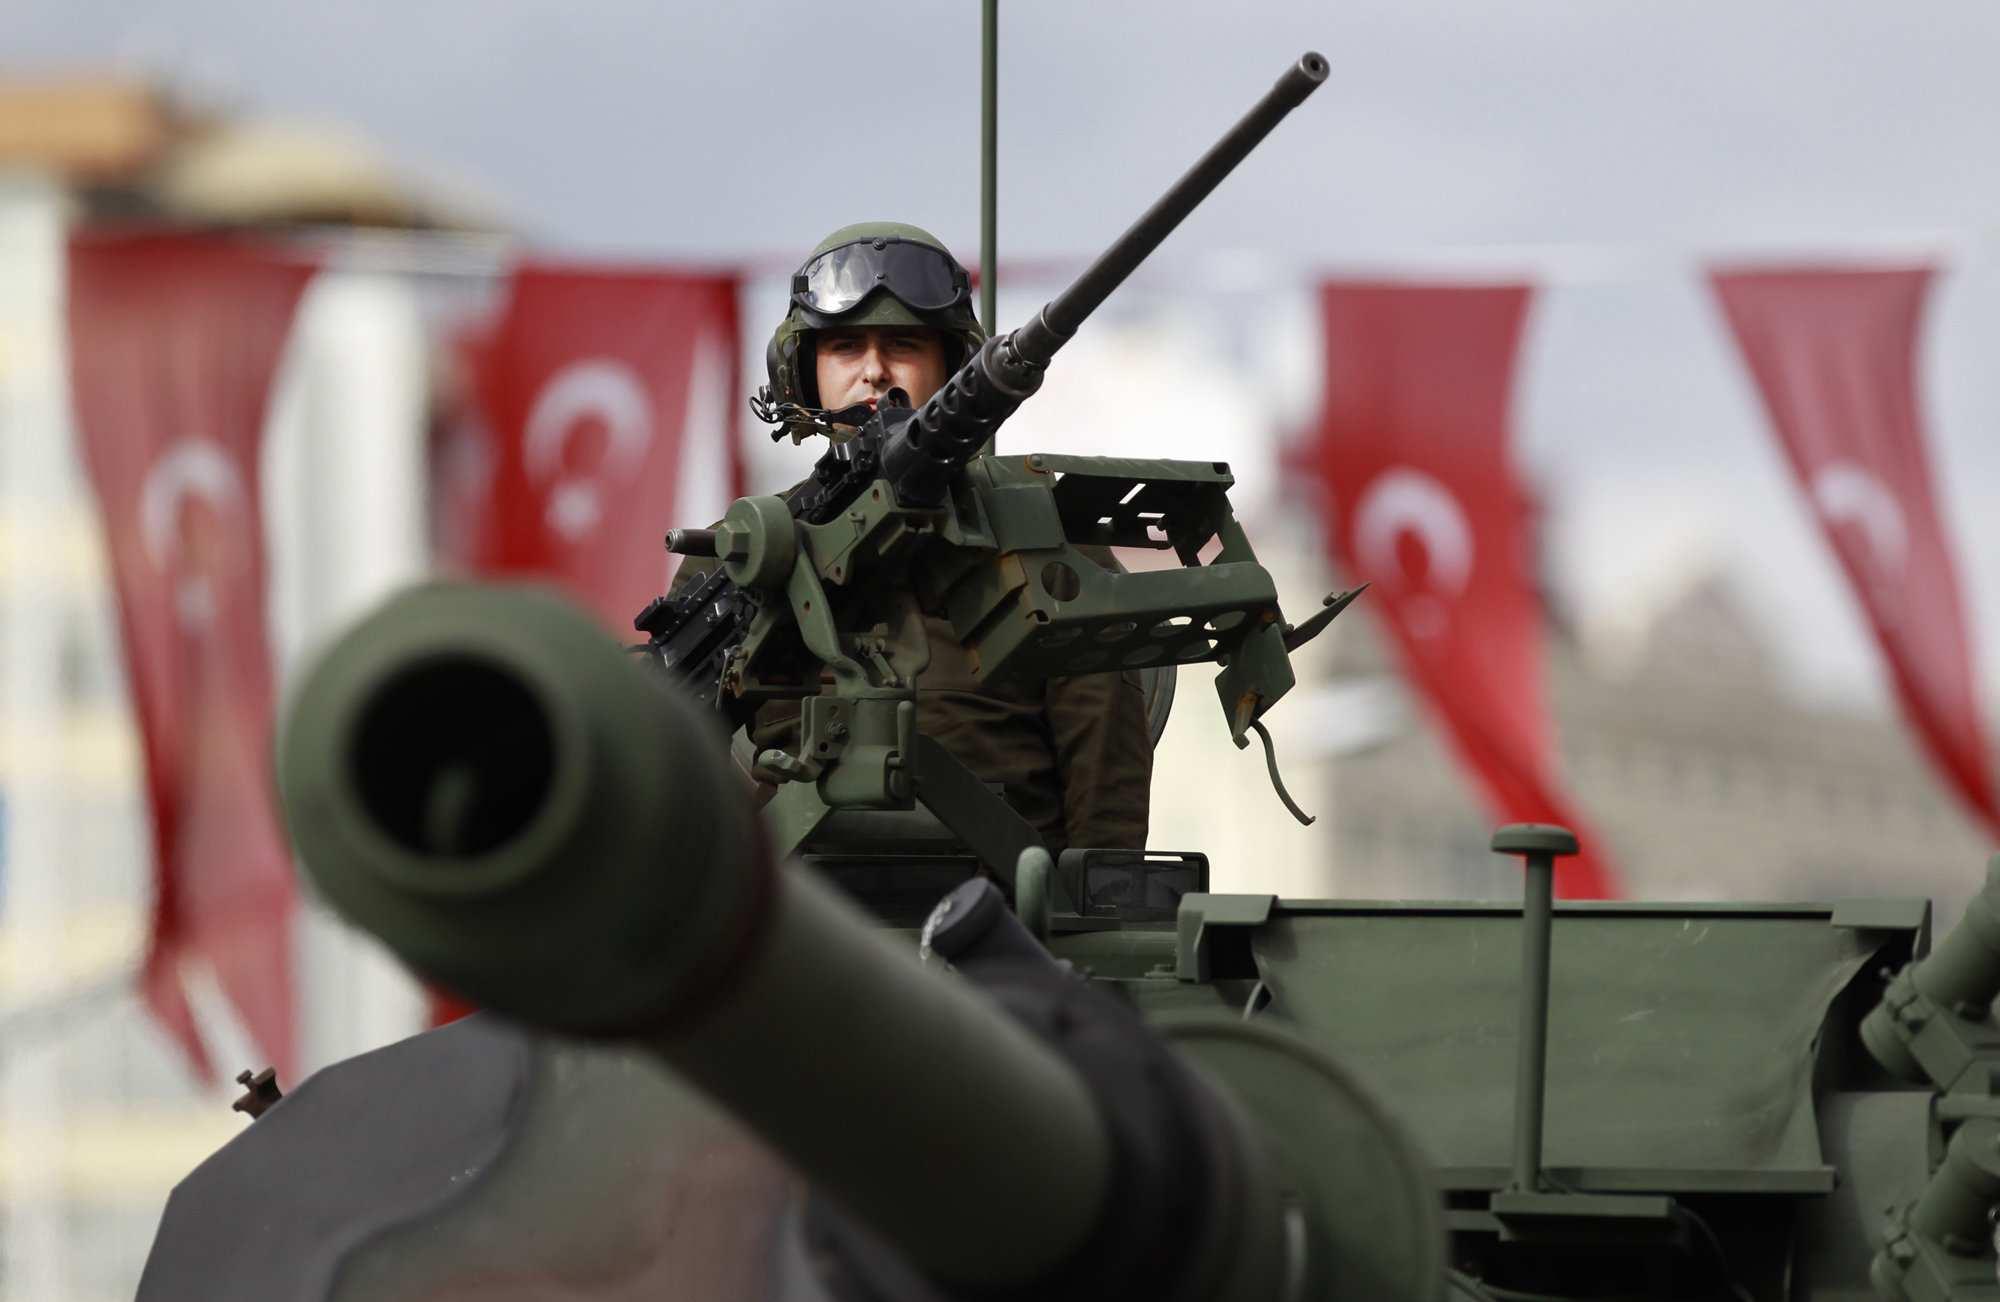 Командующего Второй армии Турции задержали по делу о попытке госпереворота | Русская весна